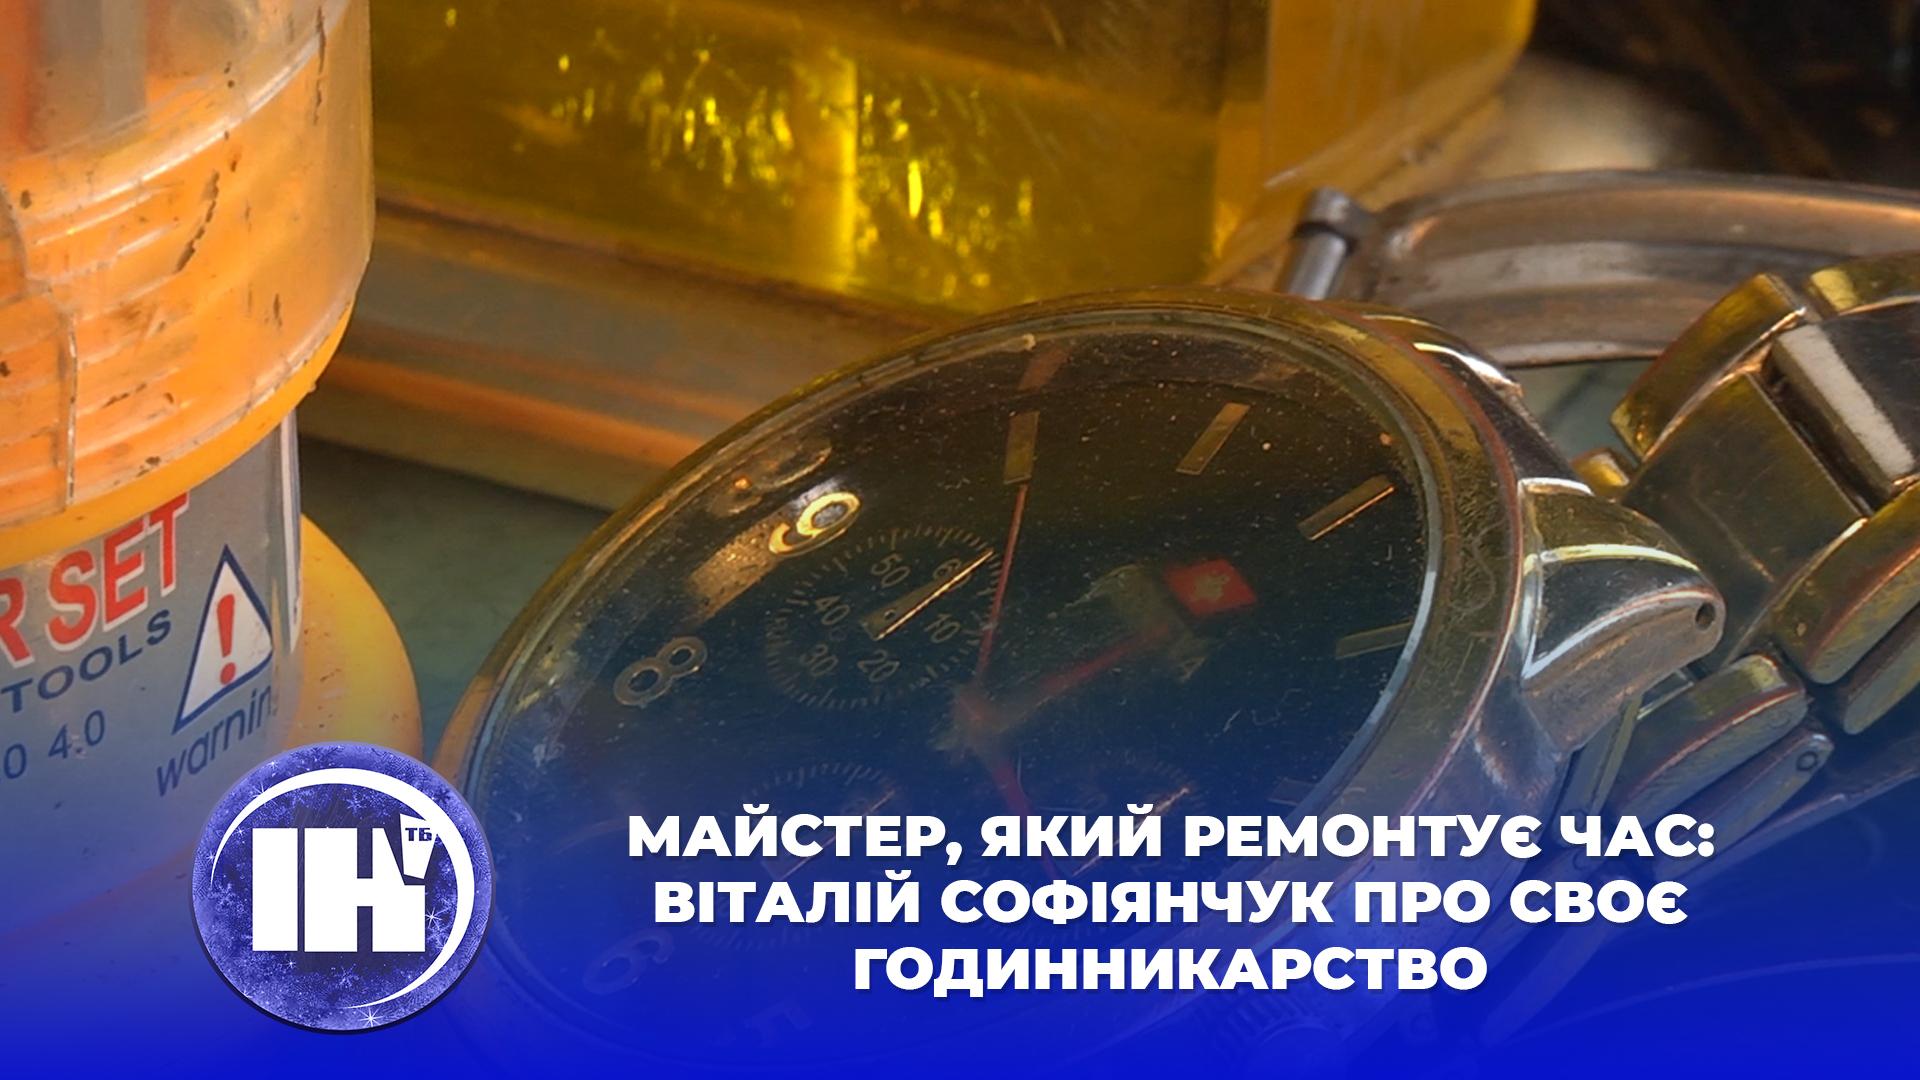 Майстер, який ремонтує час:  Віталій Софіянчук про своє годинникарство